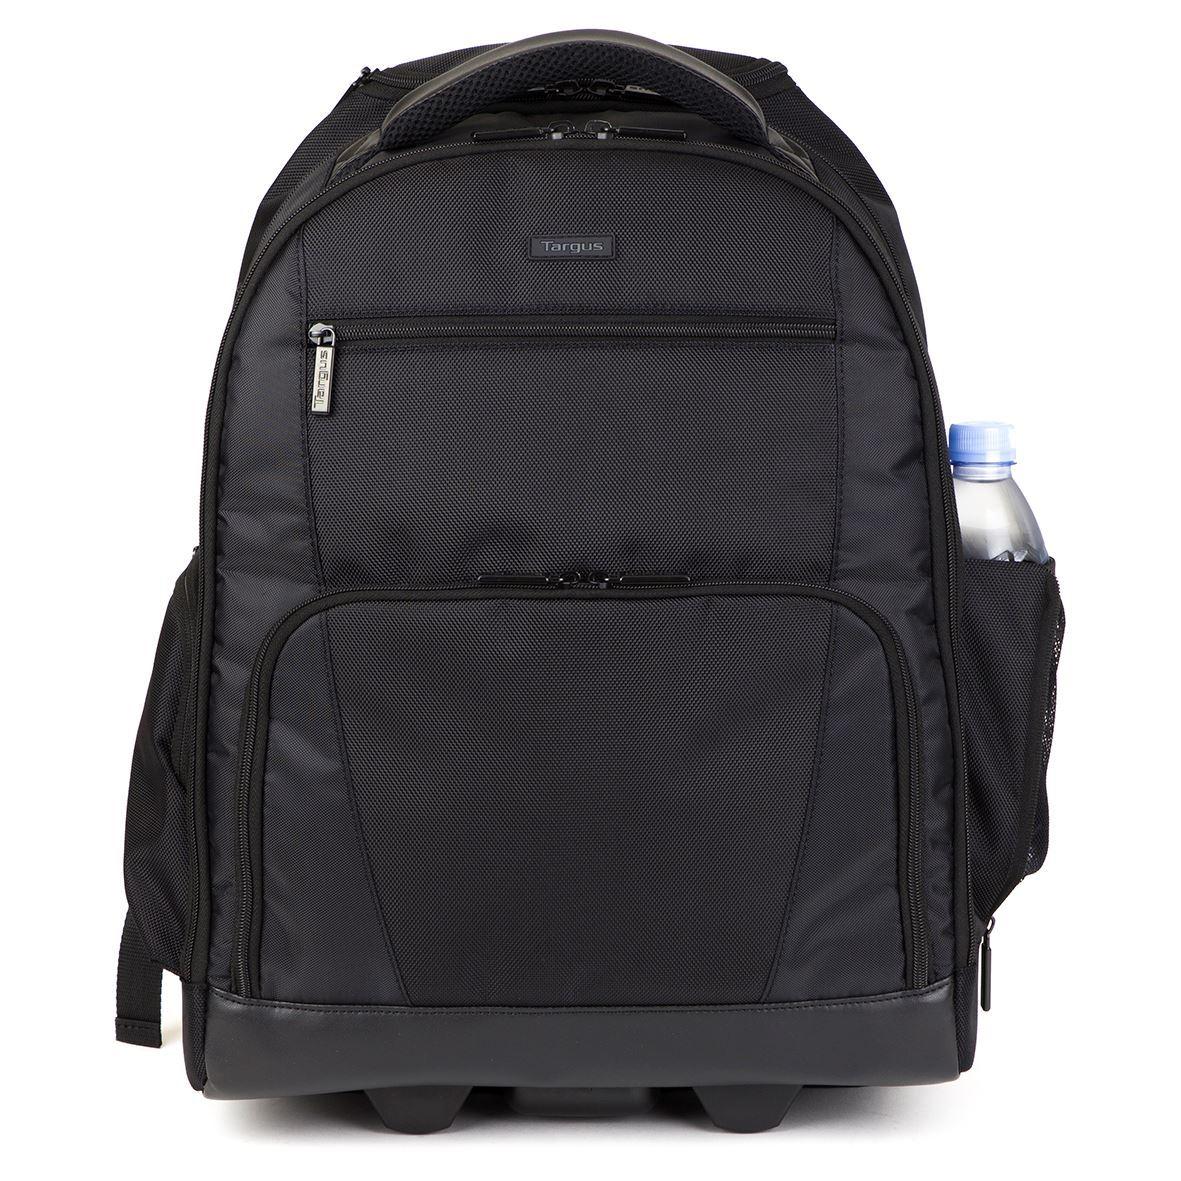 d69ddefa6 0025046_sport-rolling-15-156-laptop-backpack-black.jpeg